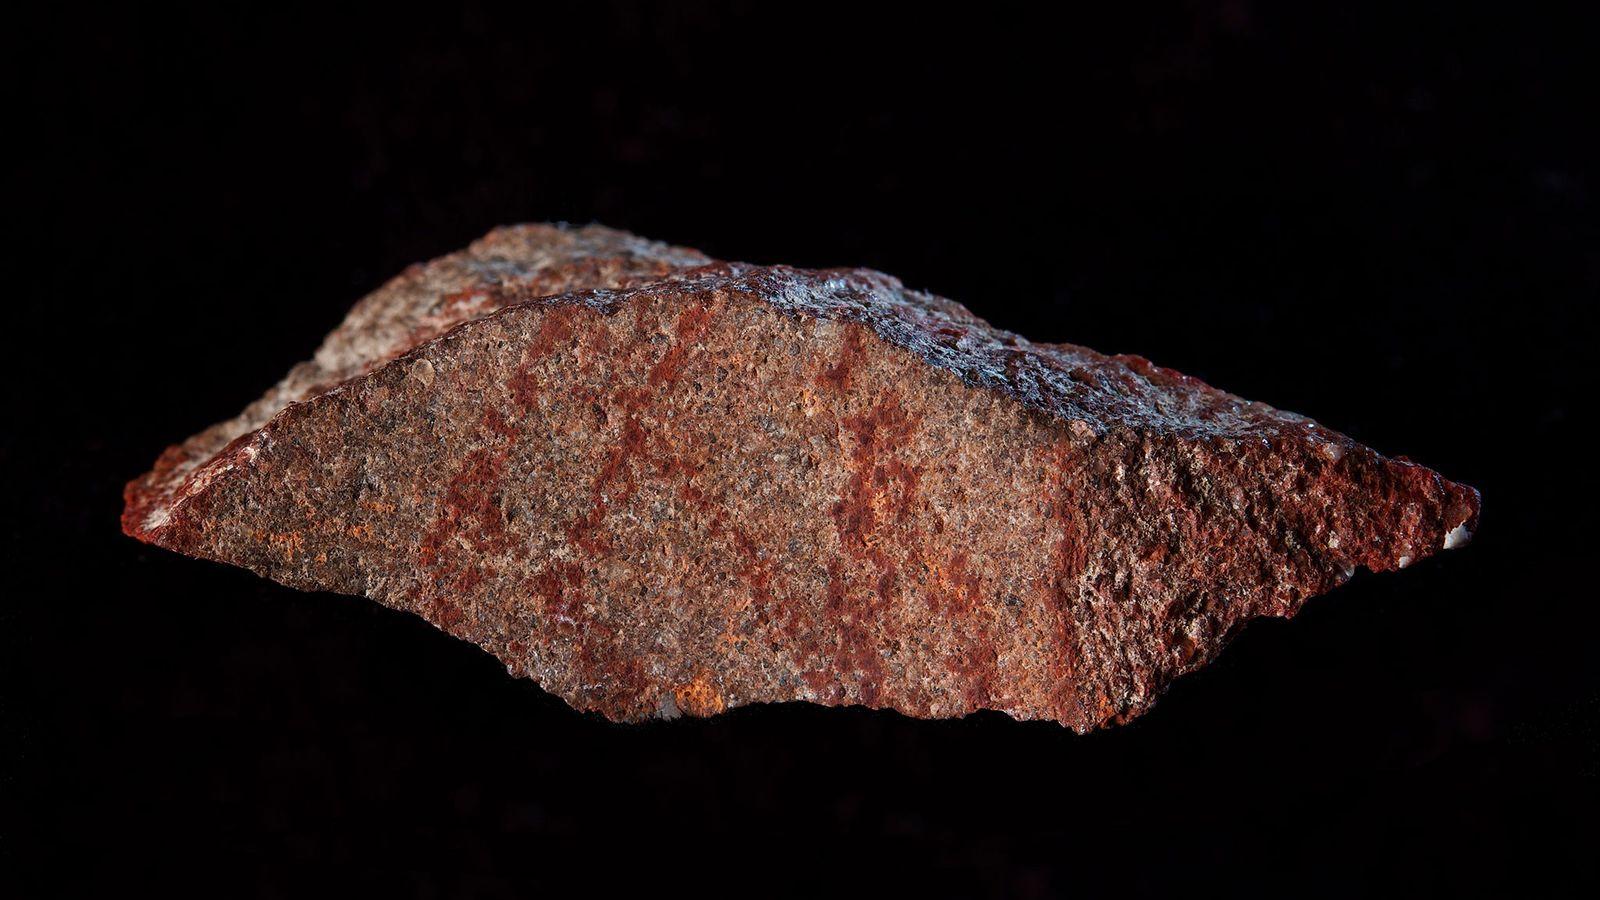 Ce fragment de pierre marqué à l'ocre a été découvert dans la grotte de Blombos, en ...